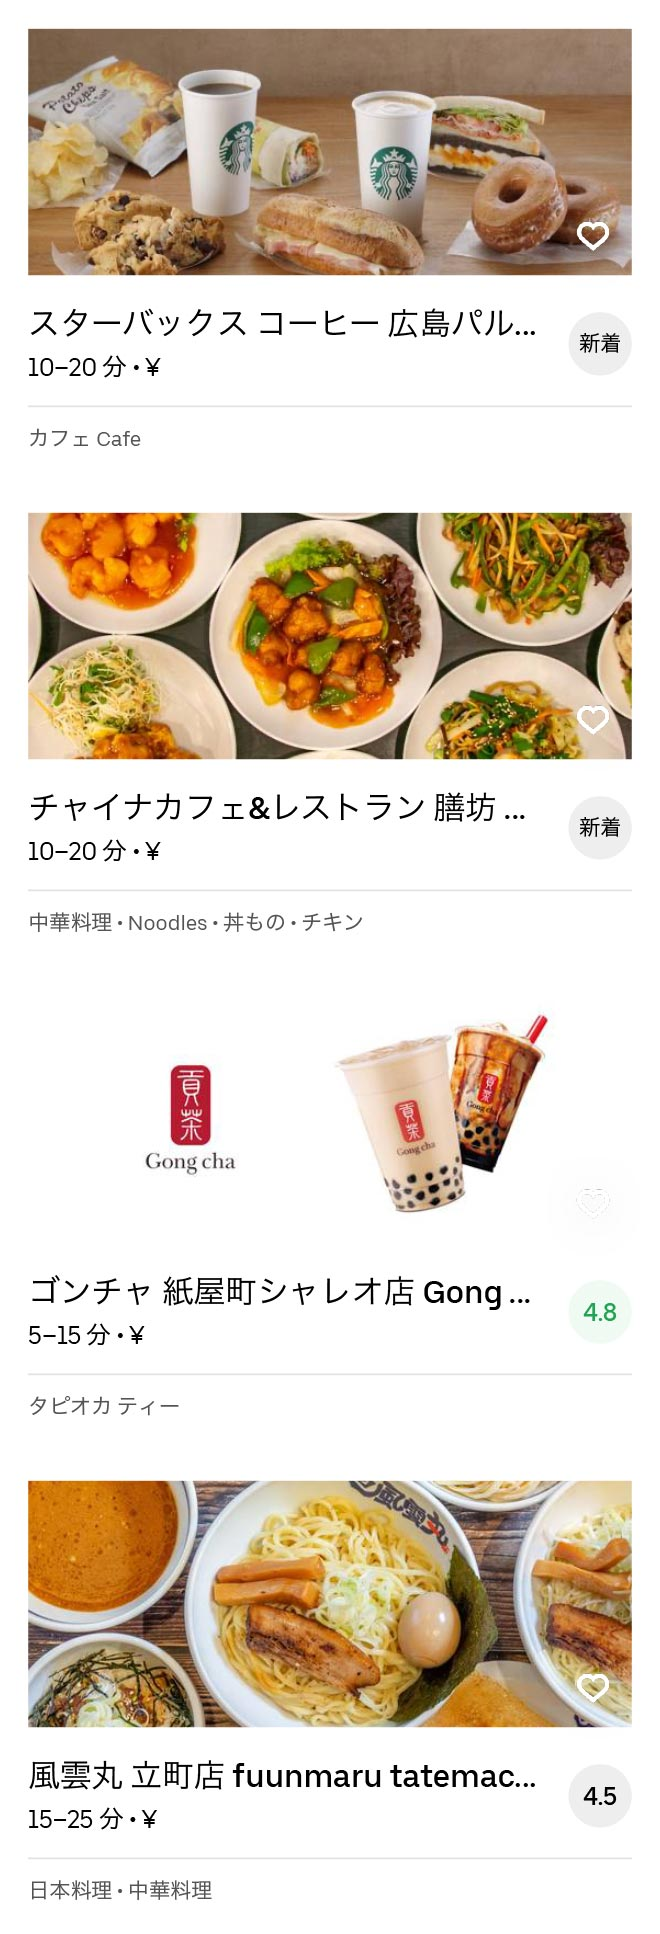 Hiroshima toukaimachi menu 2005 02